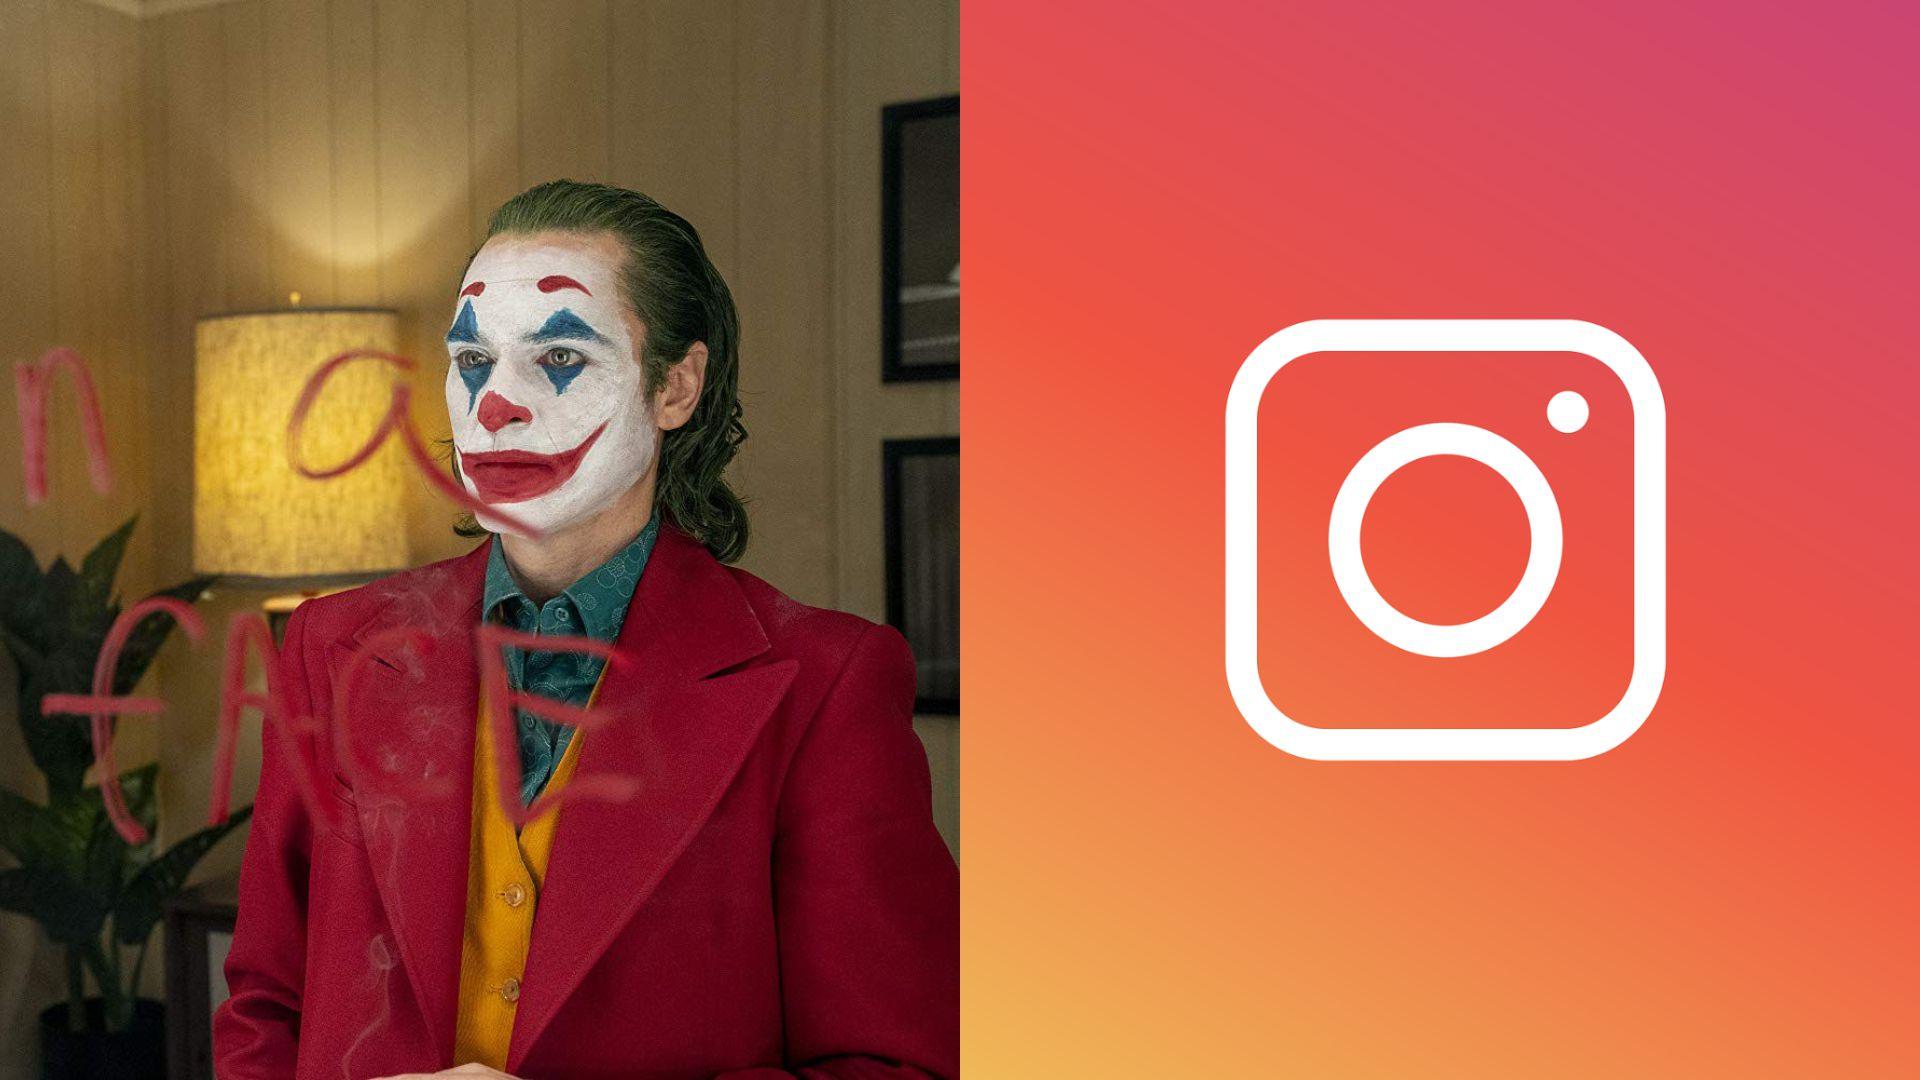 El éxito de la película protagonizada por Joaquin Phoenix ha llegado a las redes sociales. (Foto: Especial)